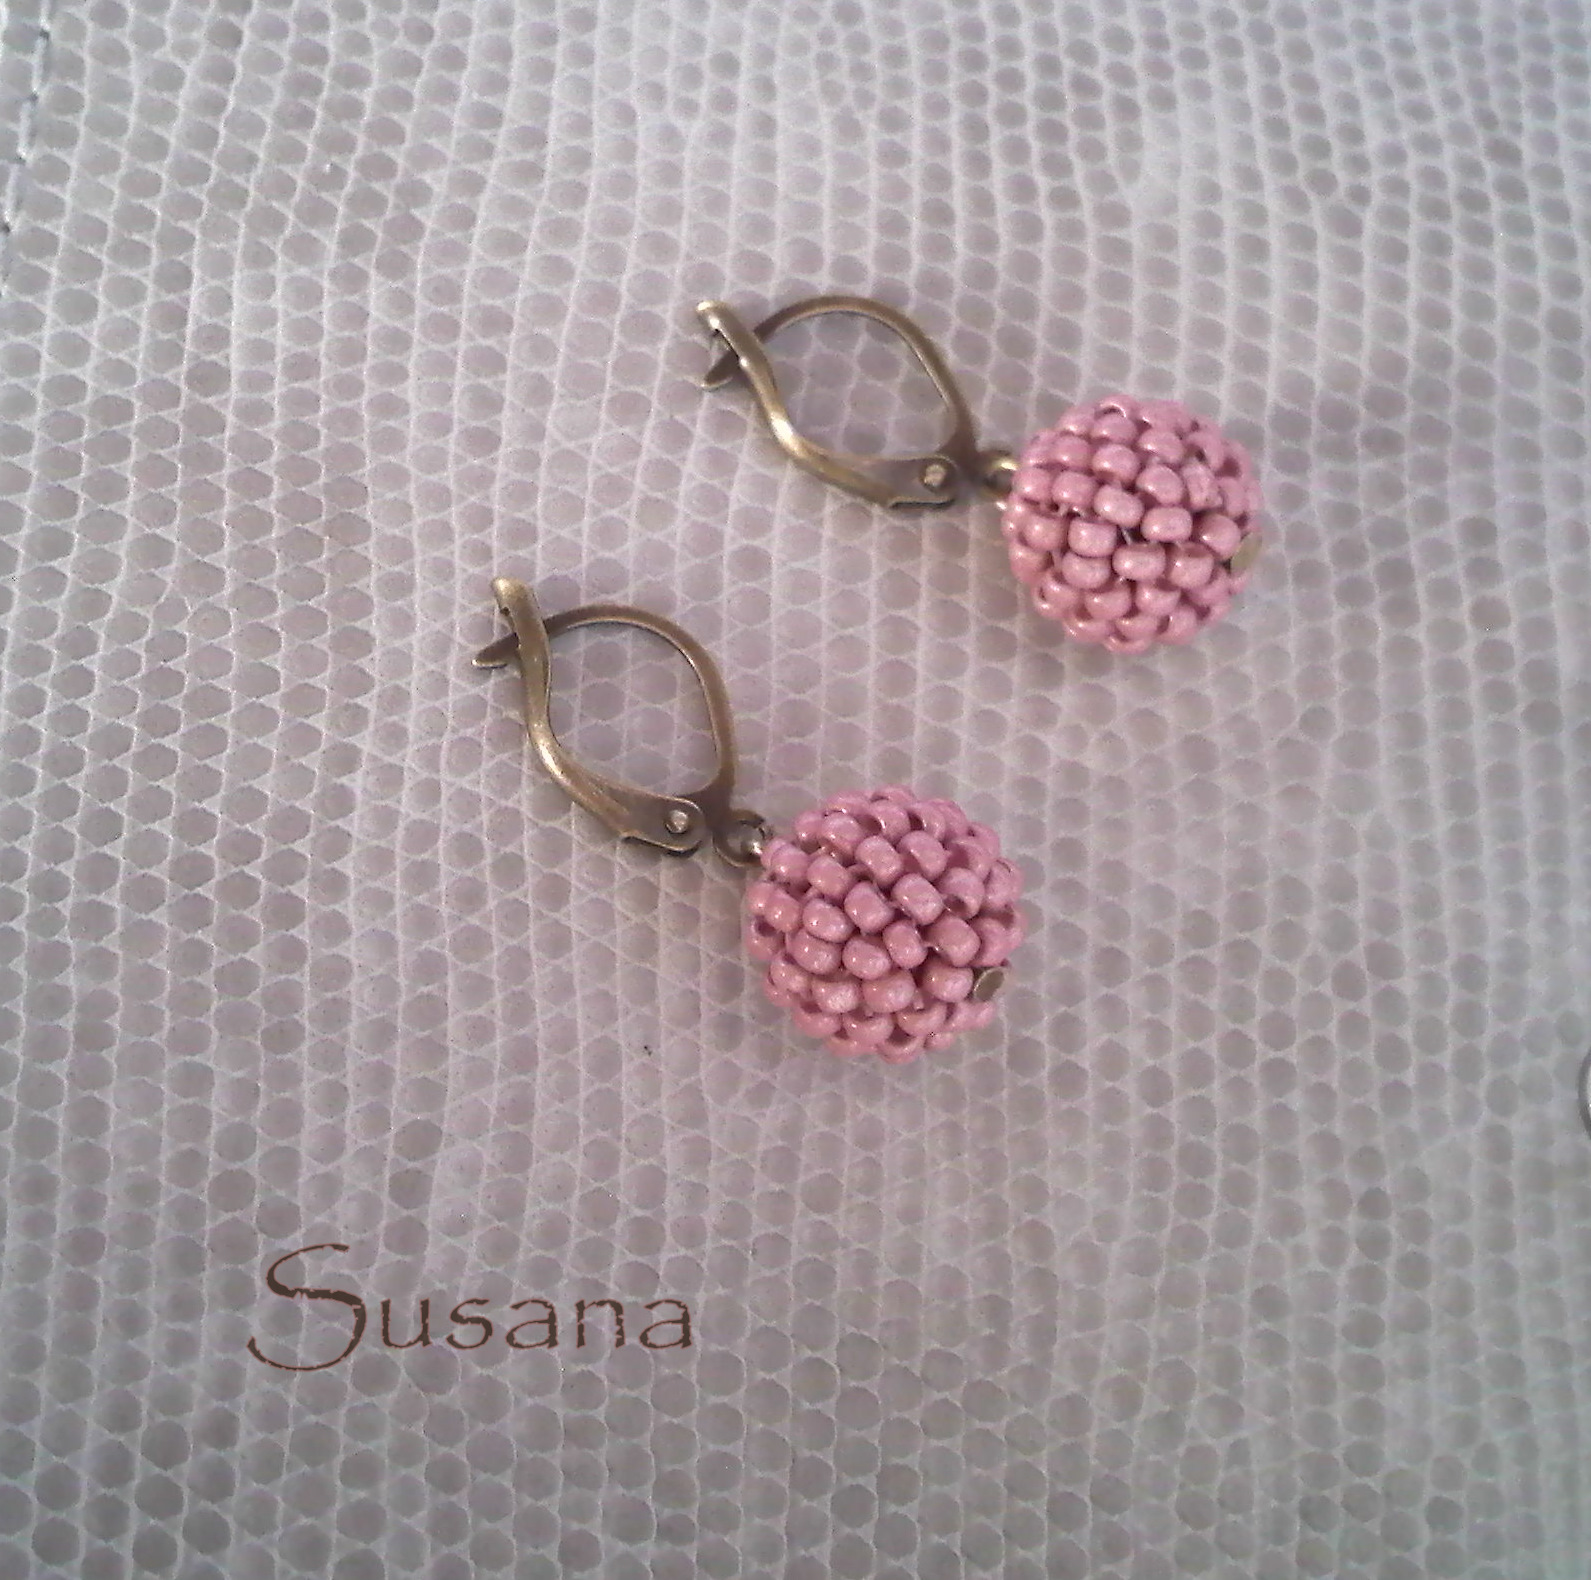 El joyero de elena pendientes rosa palo - Colgadores de pendientes ...